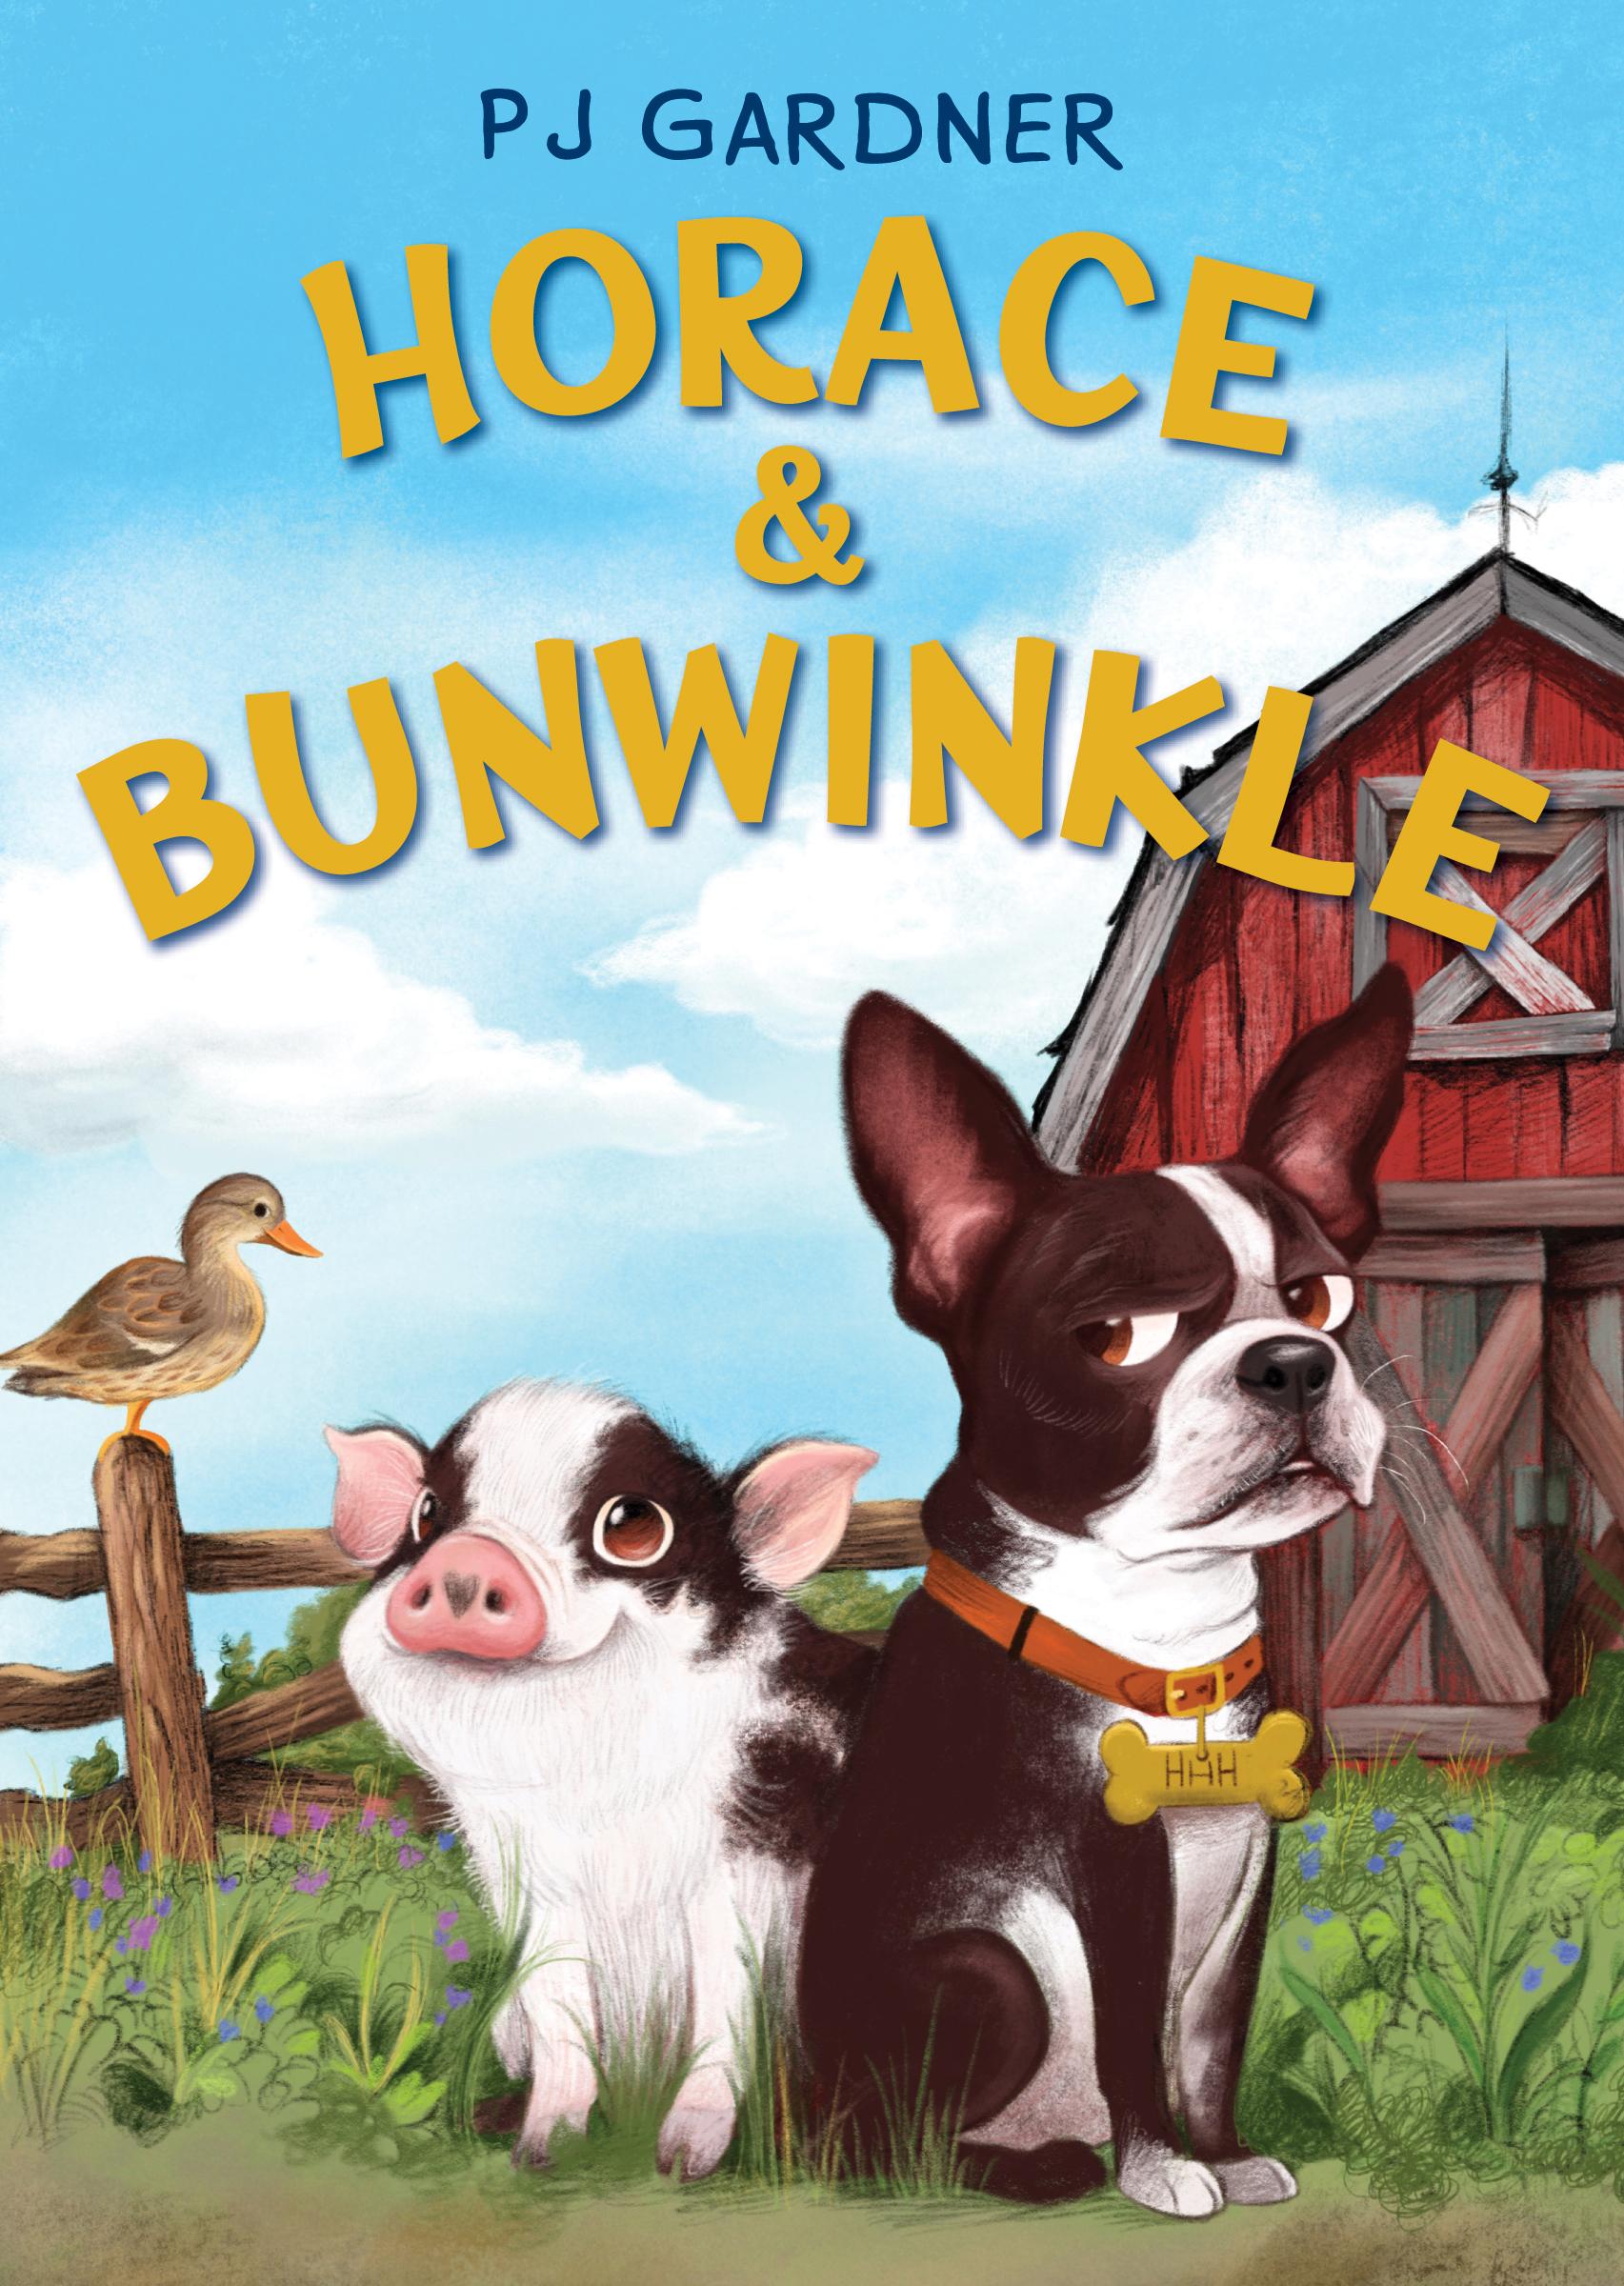 Horace and Bunwinkle by PJ Gardner